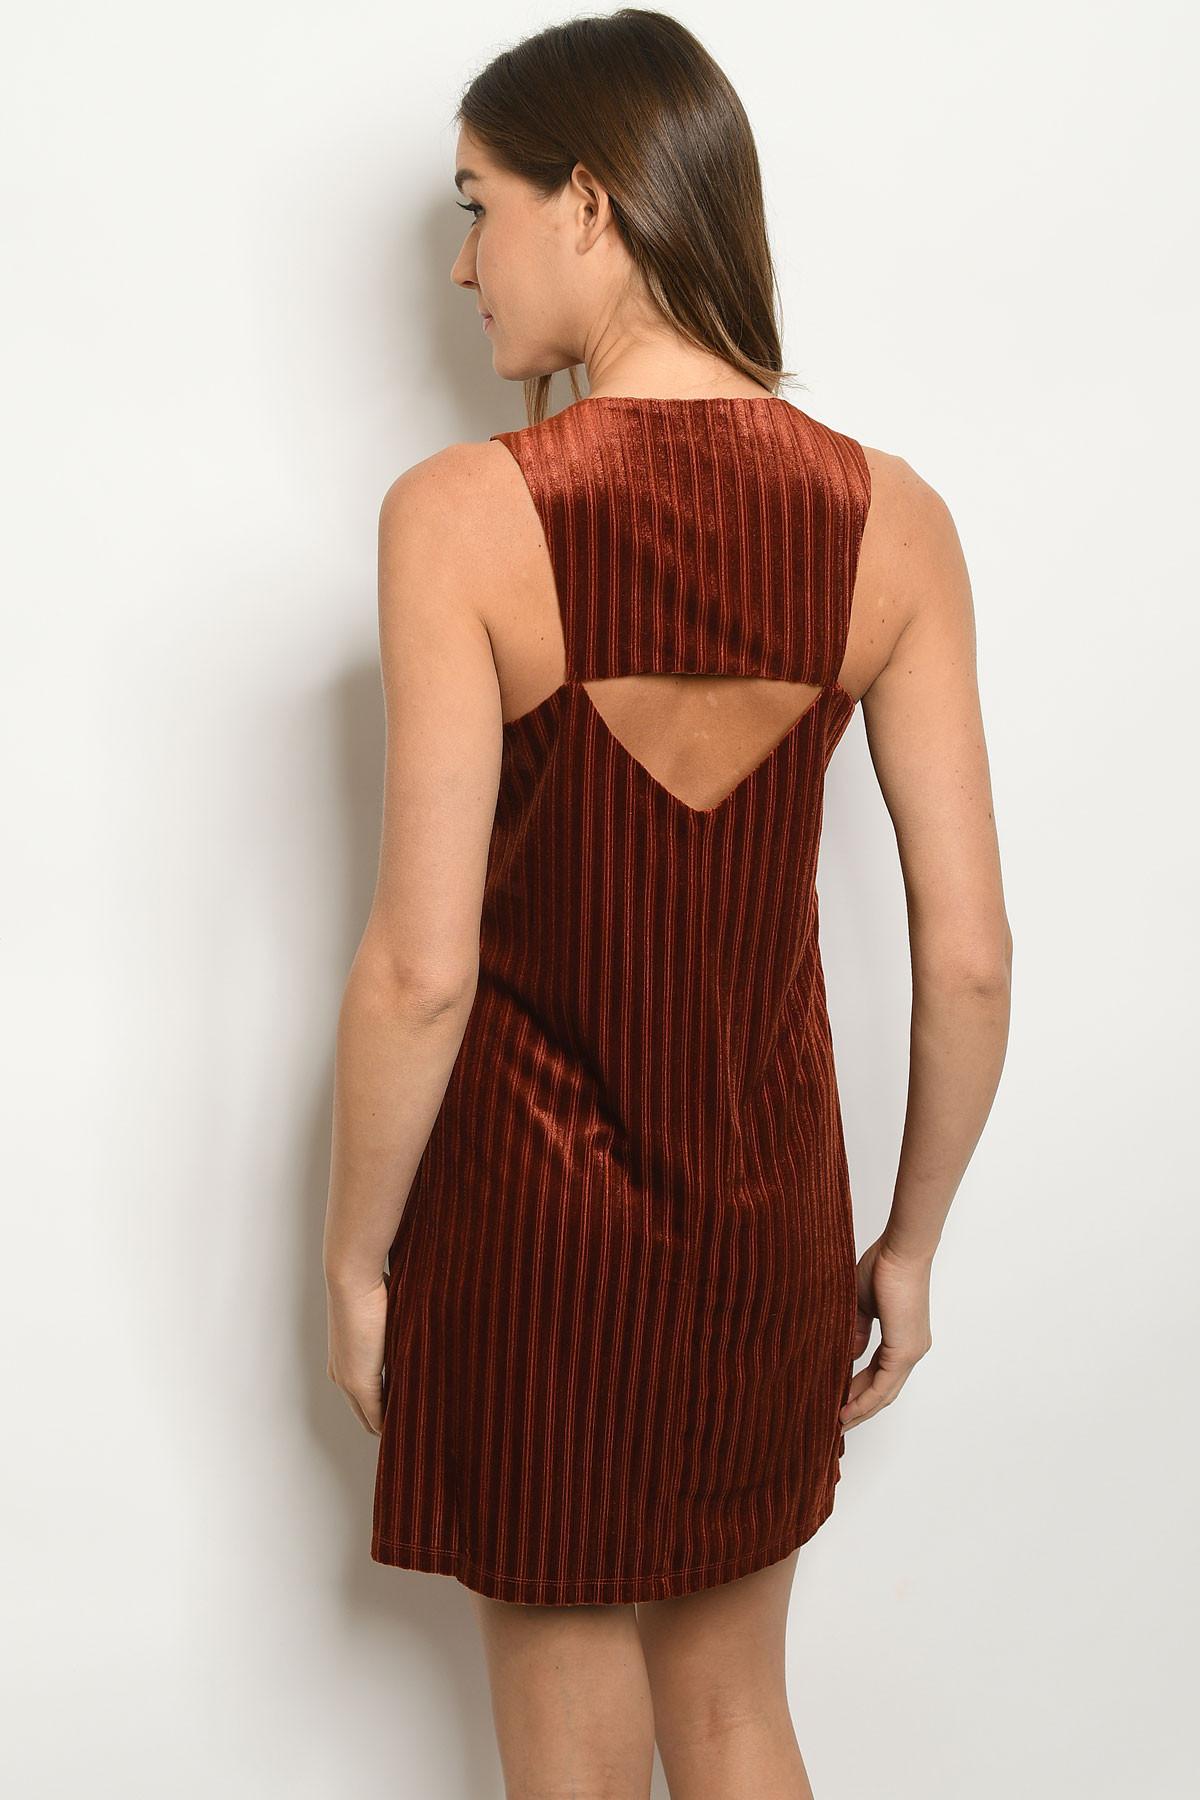 S11 5 1 D385 Rust Velvet Dress 1 2 2 1